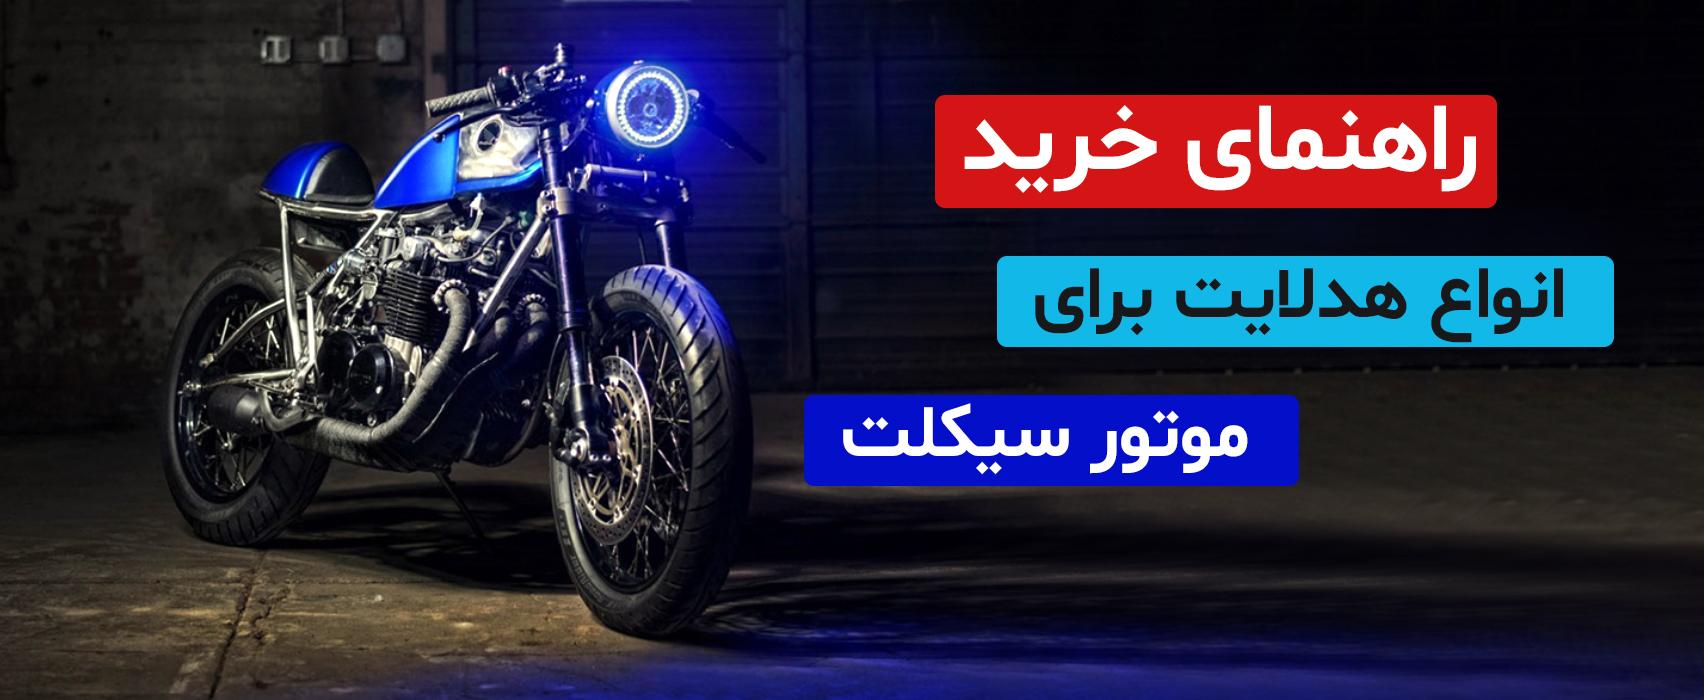 راهنمای خرید انواع هدلایت موتور سیکلت با کیفیت